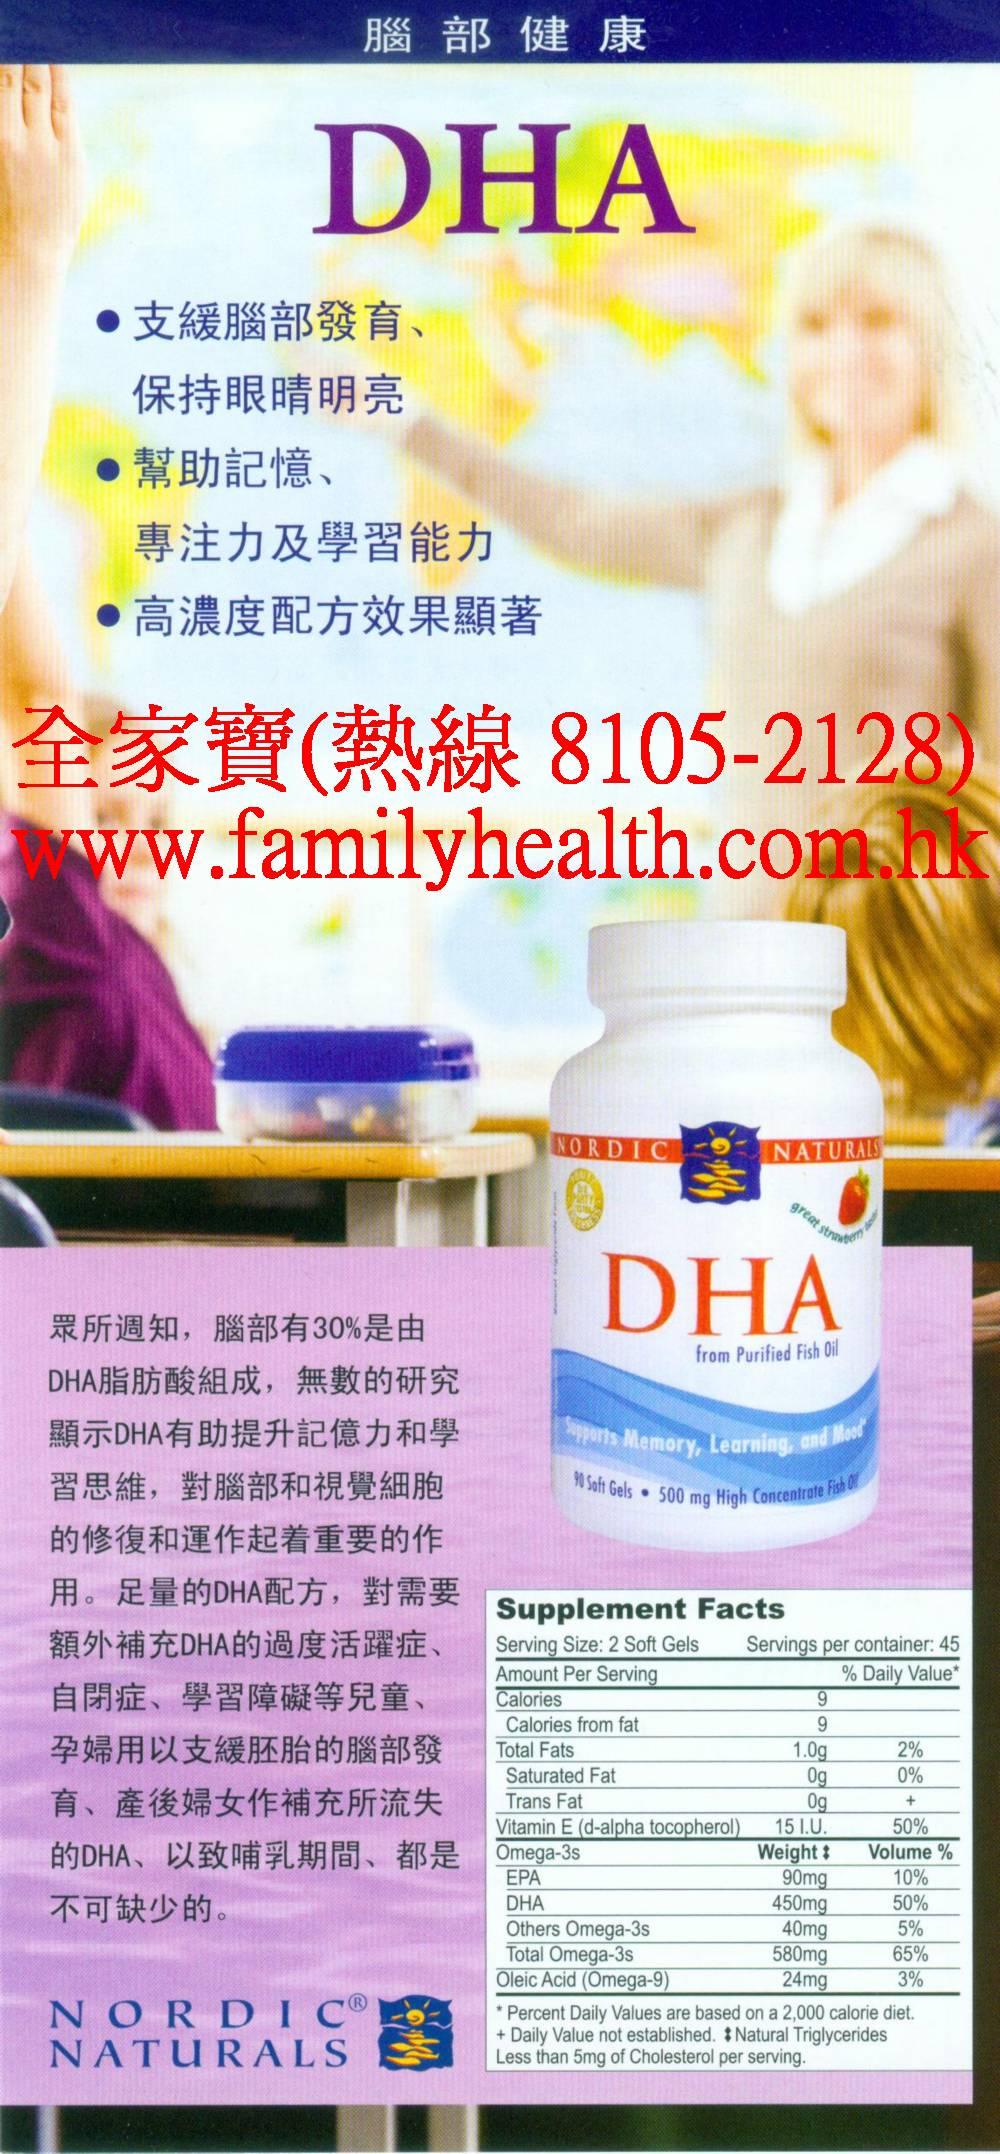 http://www.familyhealth.com.hk/files/full/3_0.jpg